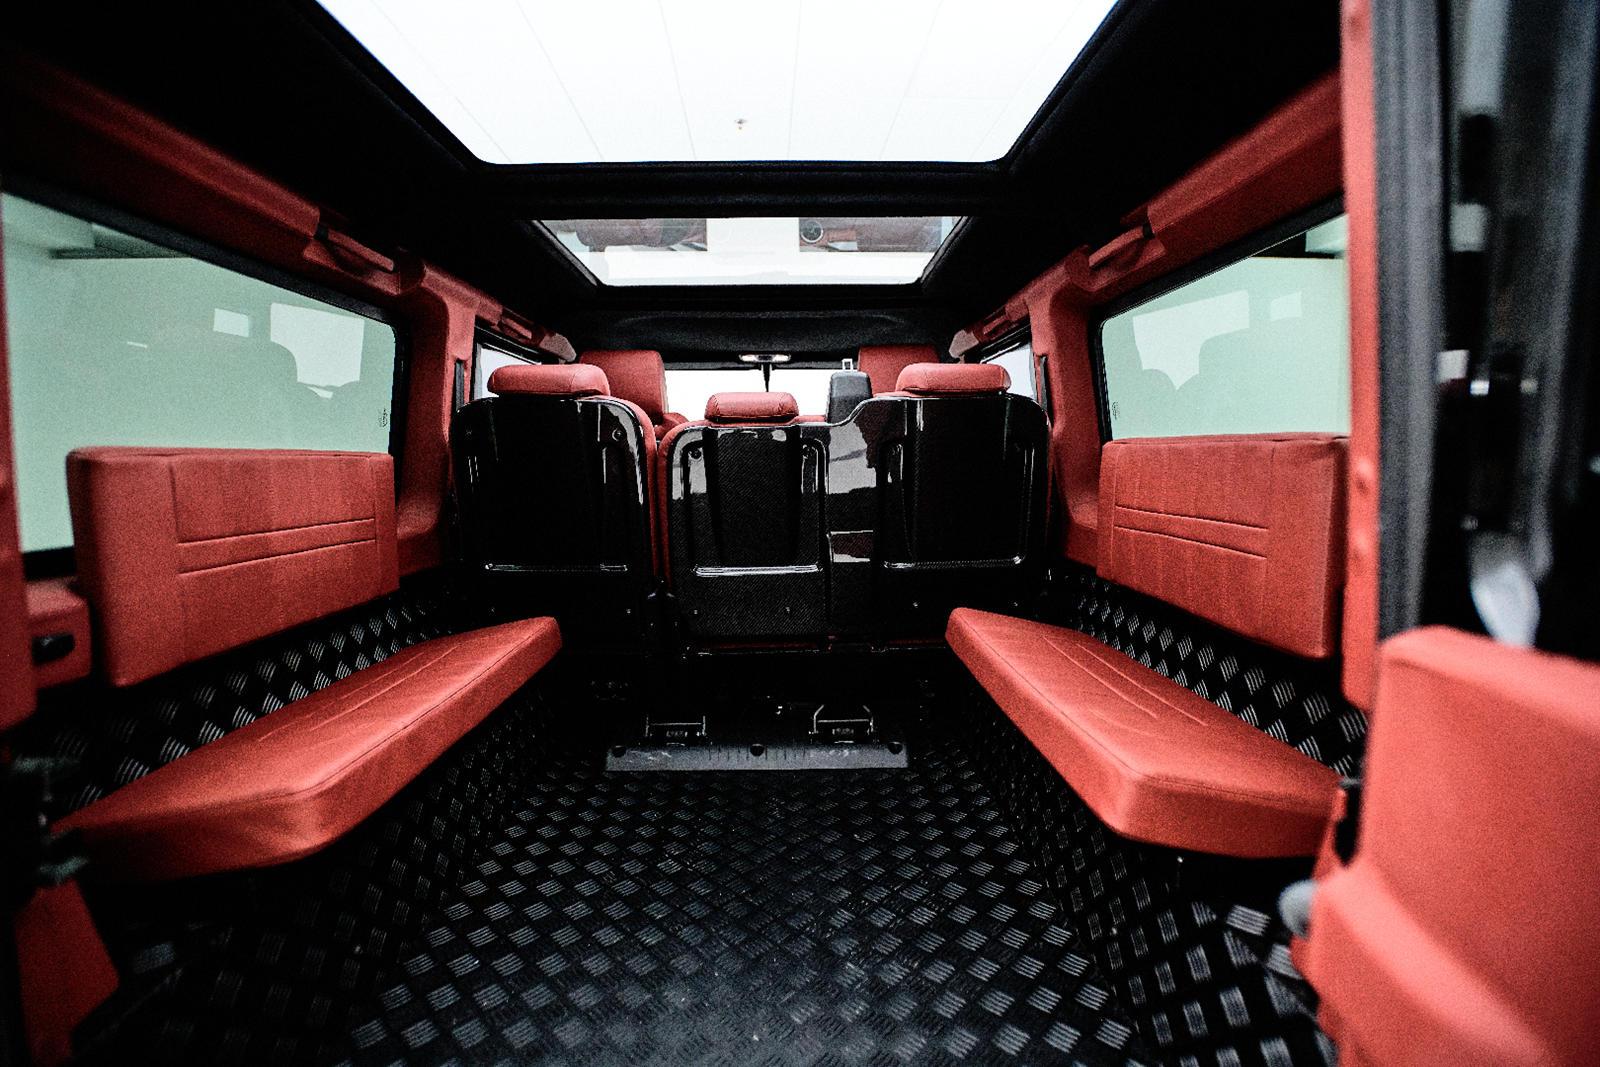 Увеличенные тонированные стекла, панорамная крыша и нестандартные 18-дюймовые колеса завершают внешний вид. Внутри салон отделан высококачественной кожей и деталями из карбона на приборной панели и задних сиденьях, что делает Defender Spec. 1,2 более